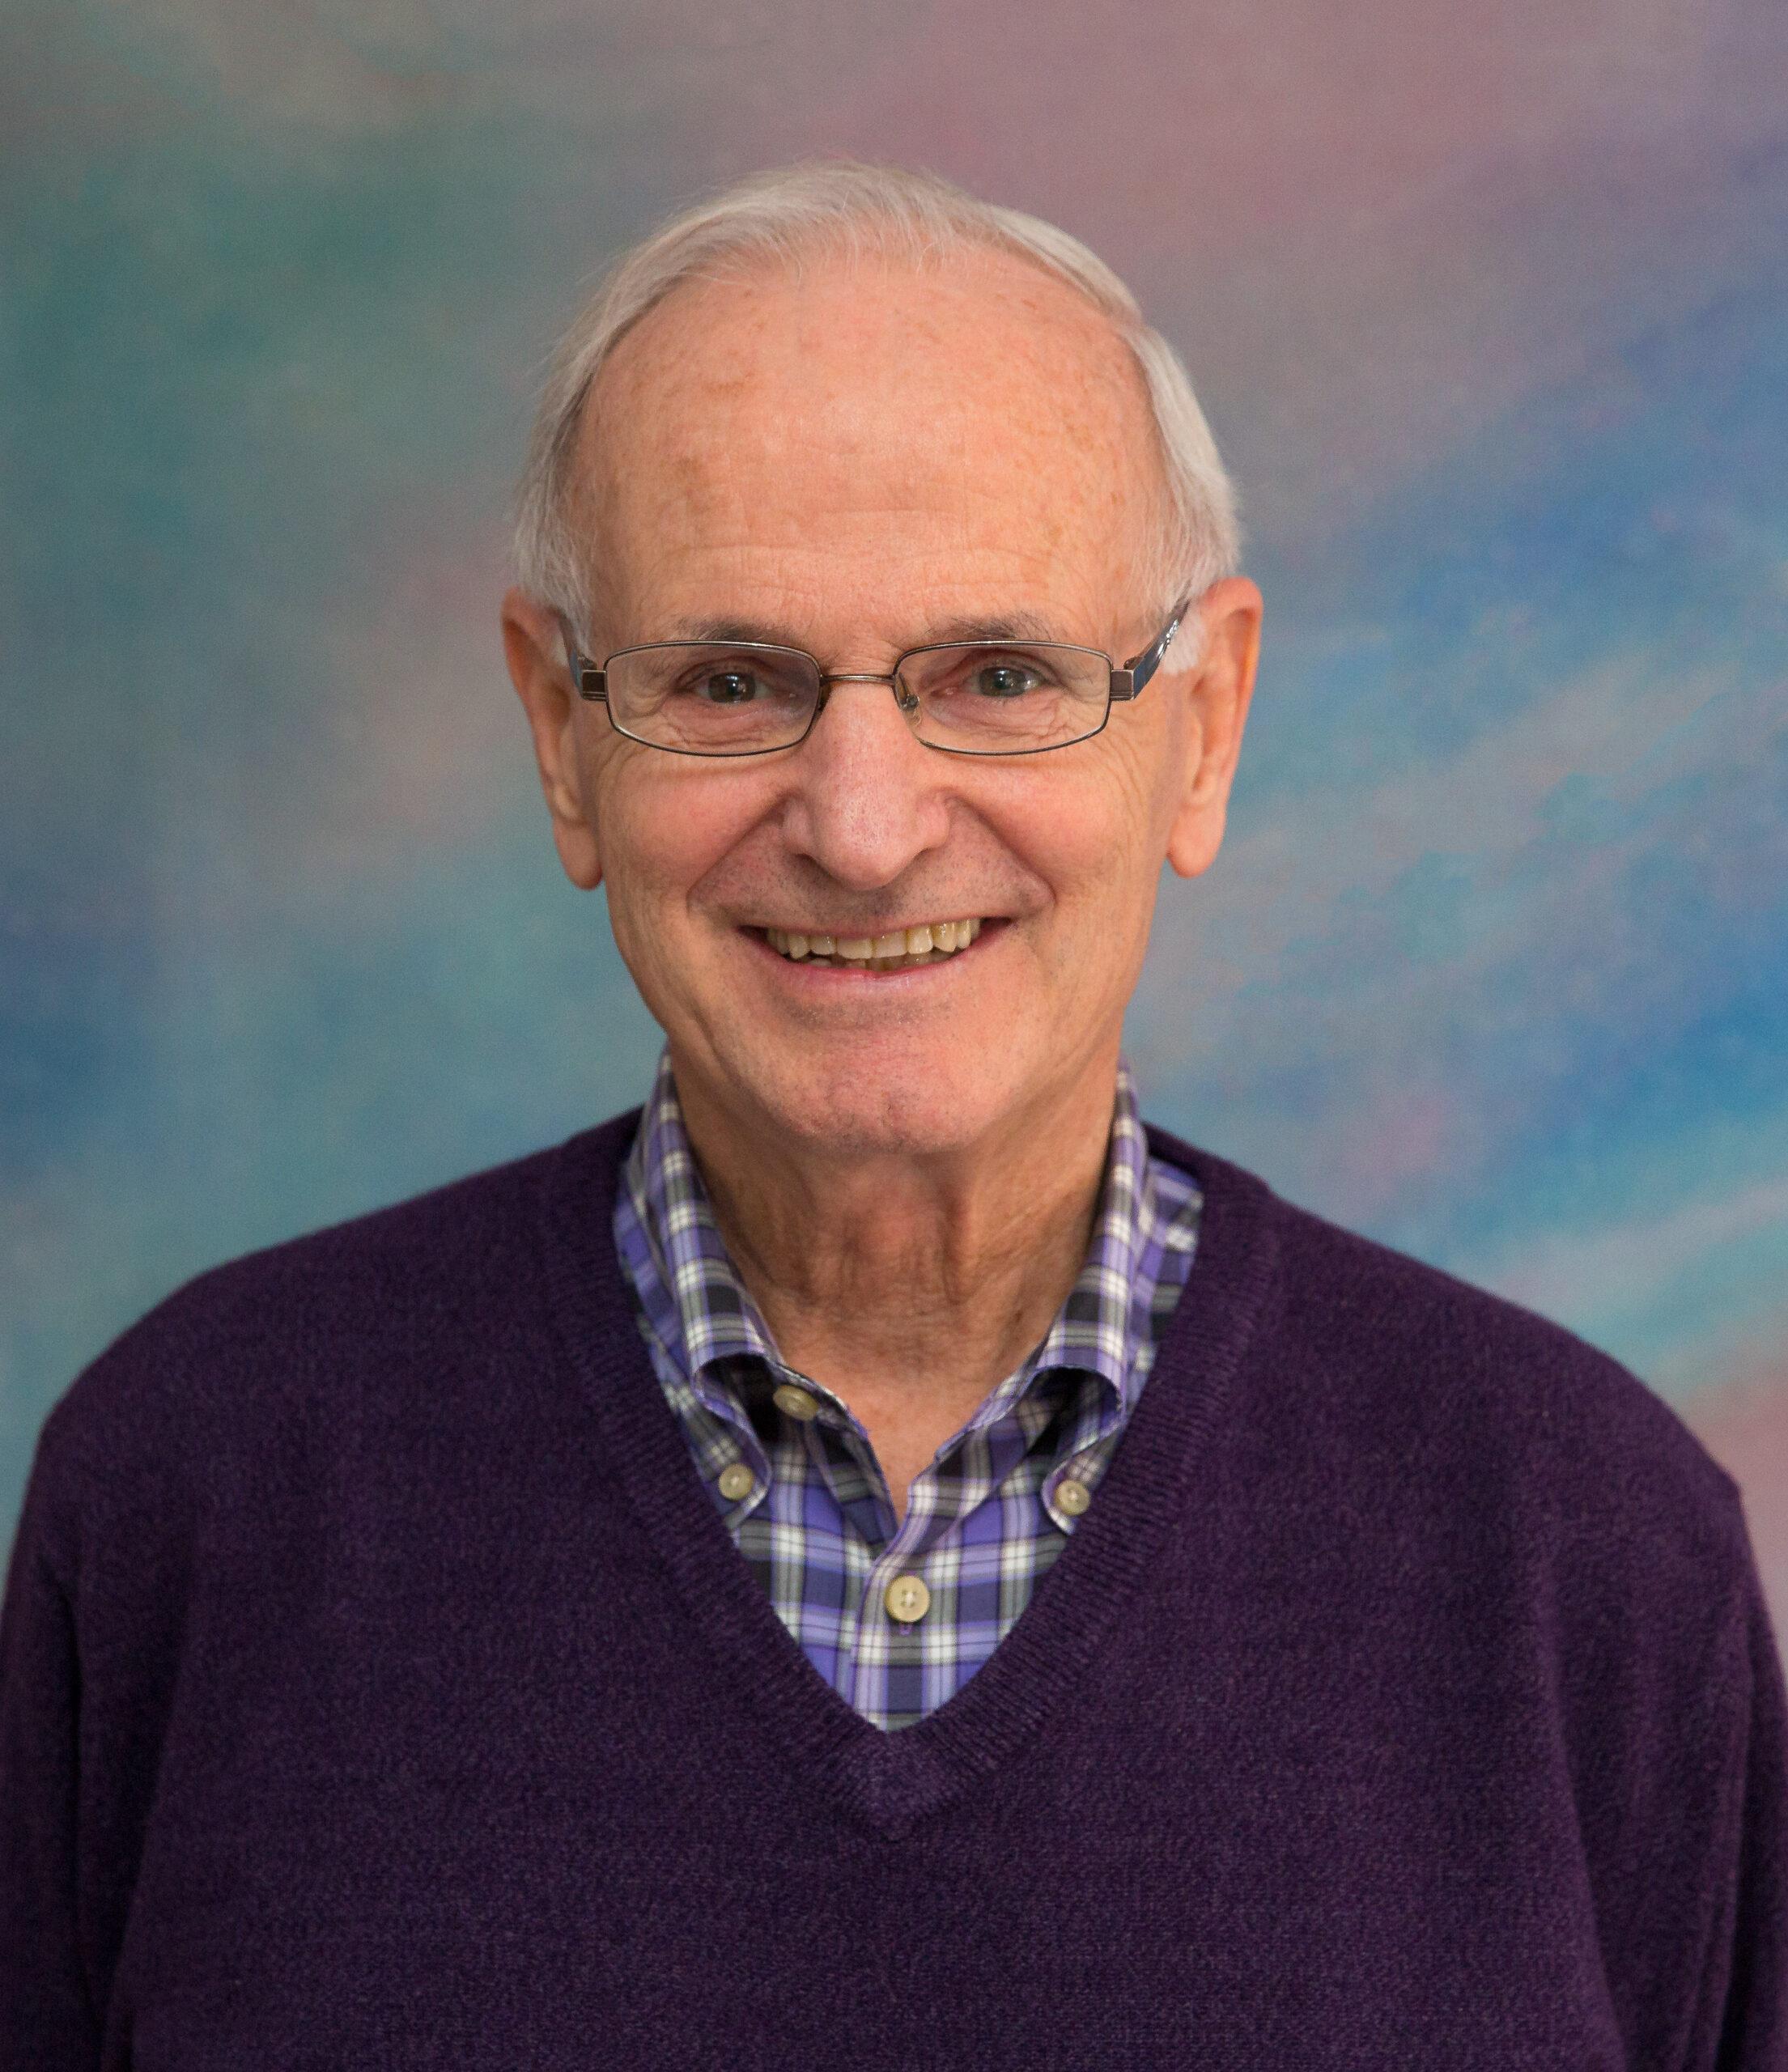 Dr. Bill Manahan - Holistic Medical Trailblazer